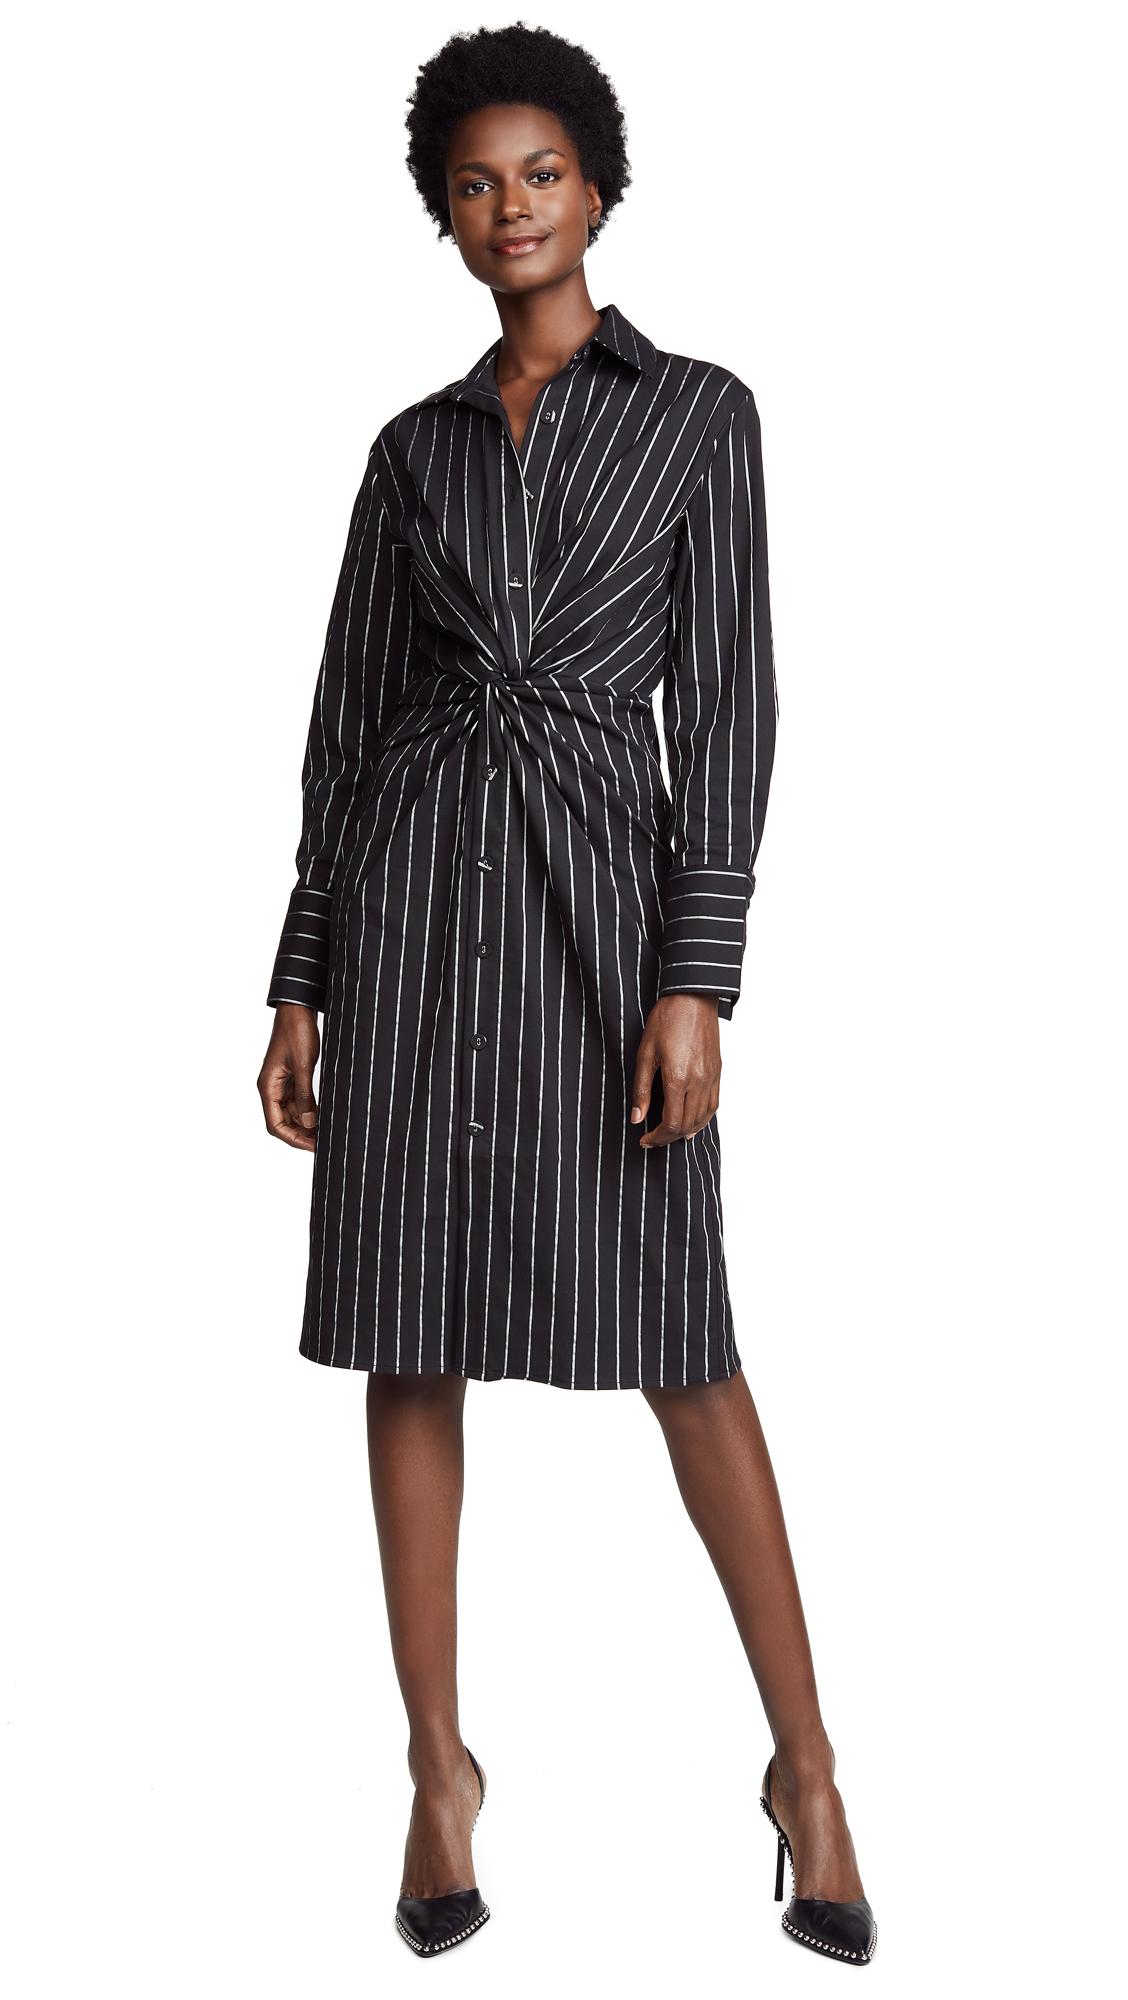 Still Motion Dress in Black Stripe